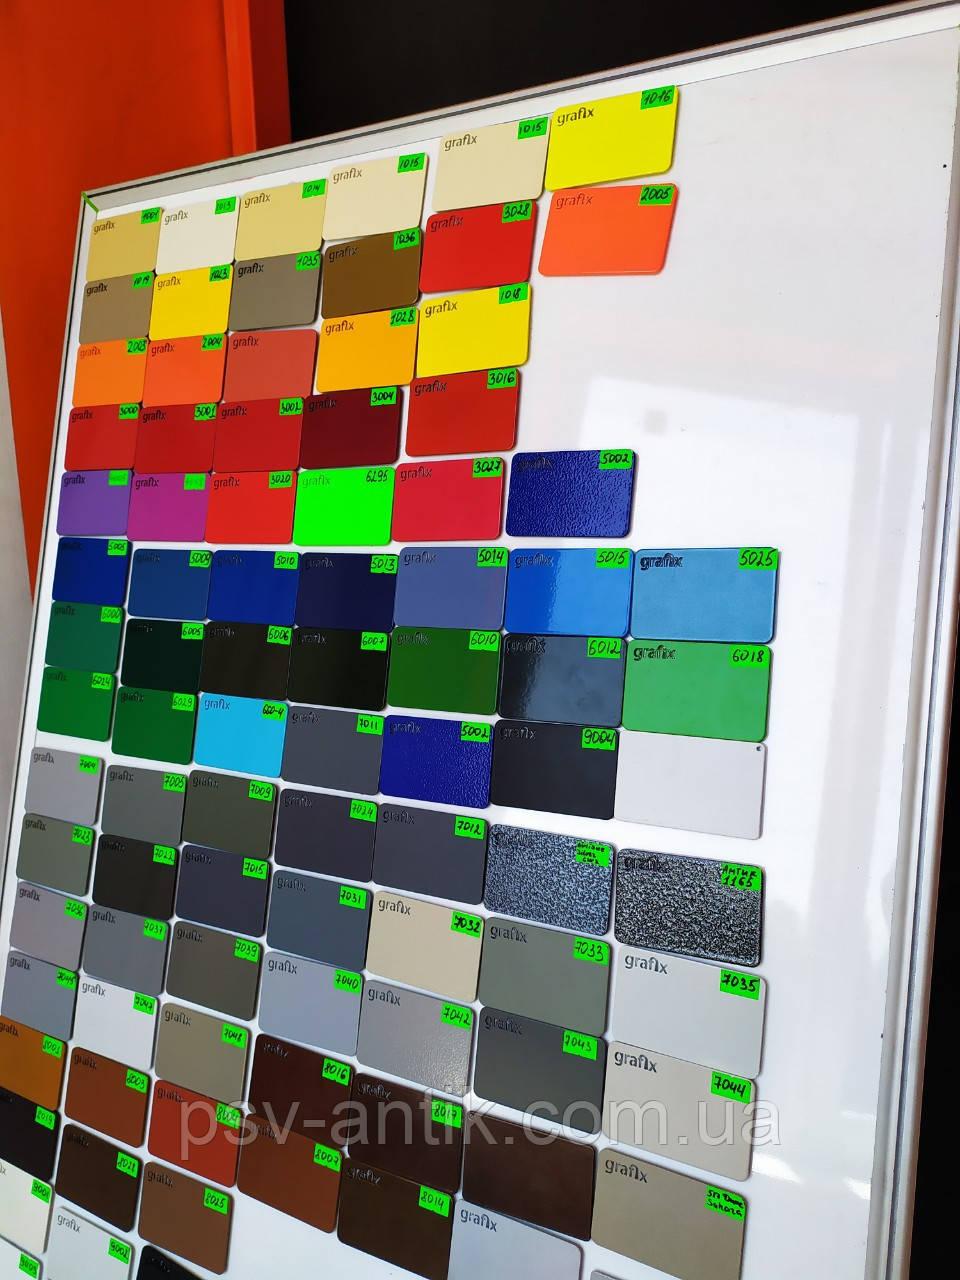 Порошковая краска глянцевая, полиэфирная, индустриальная, 5023